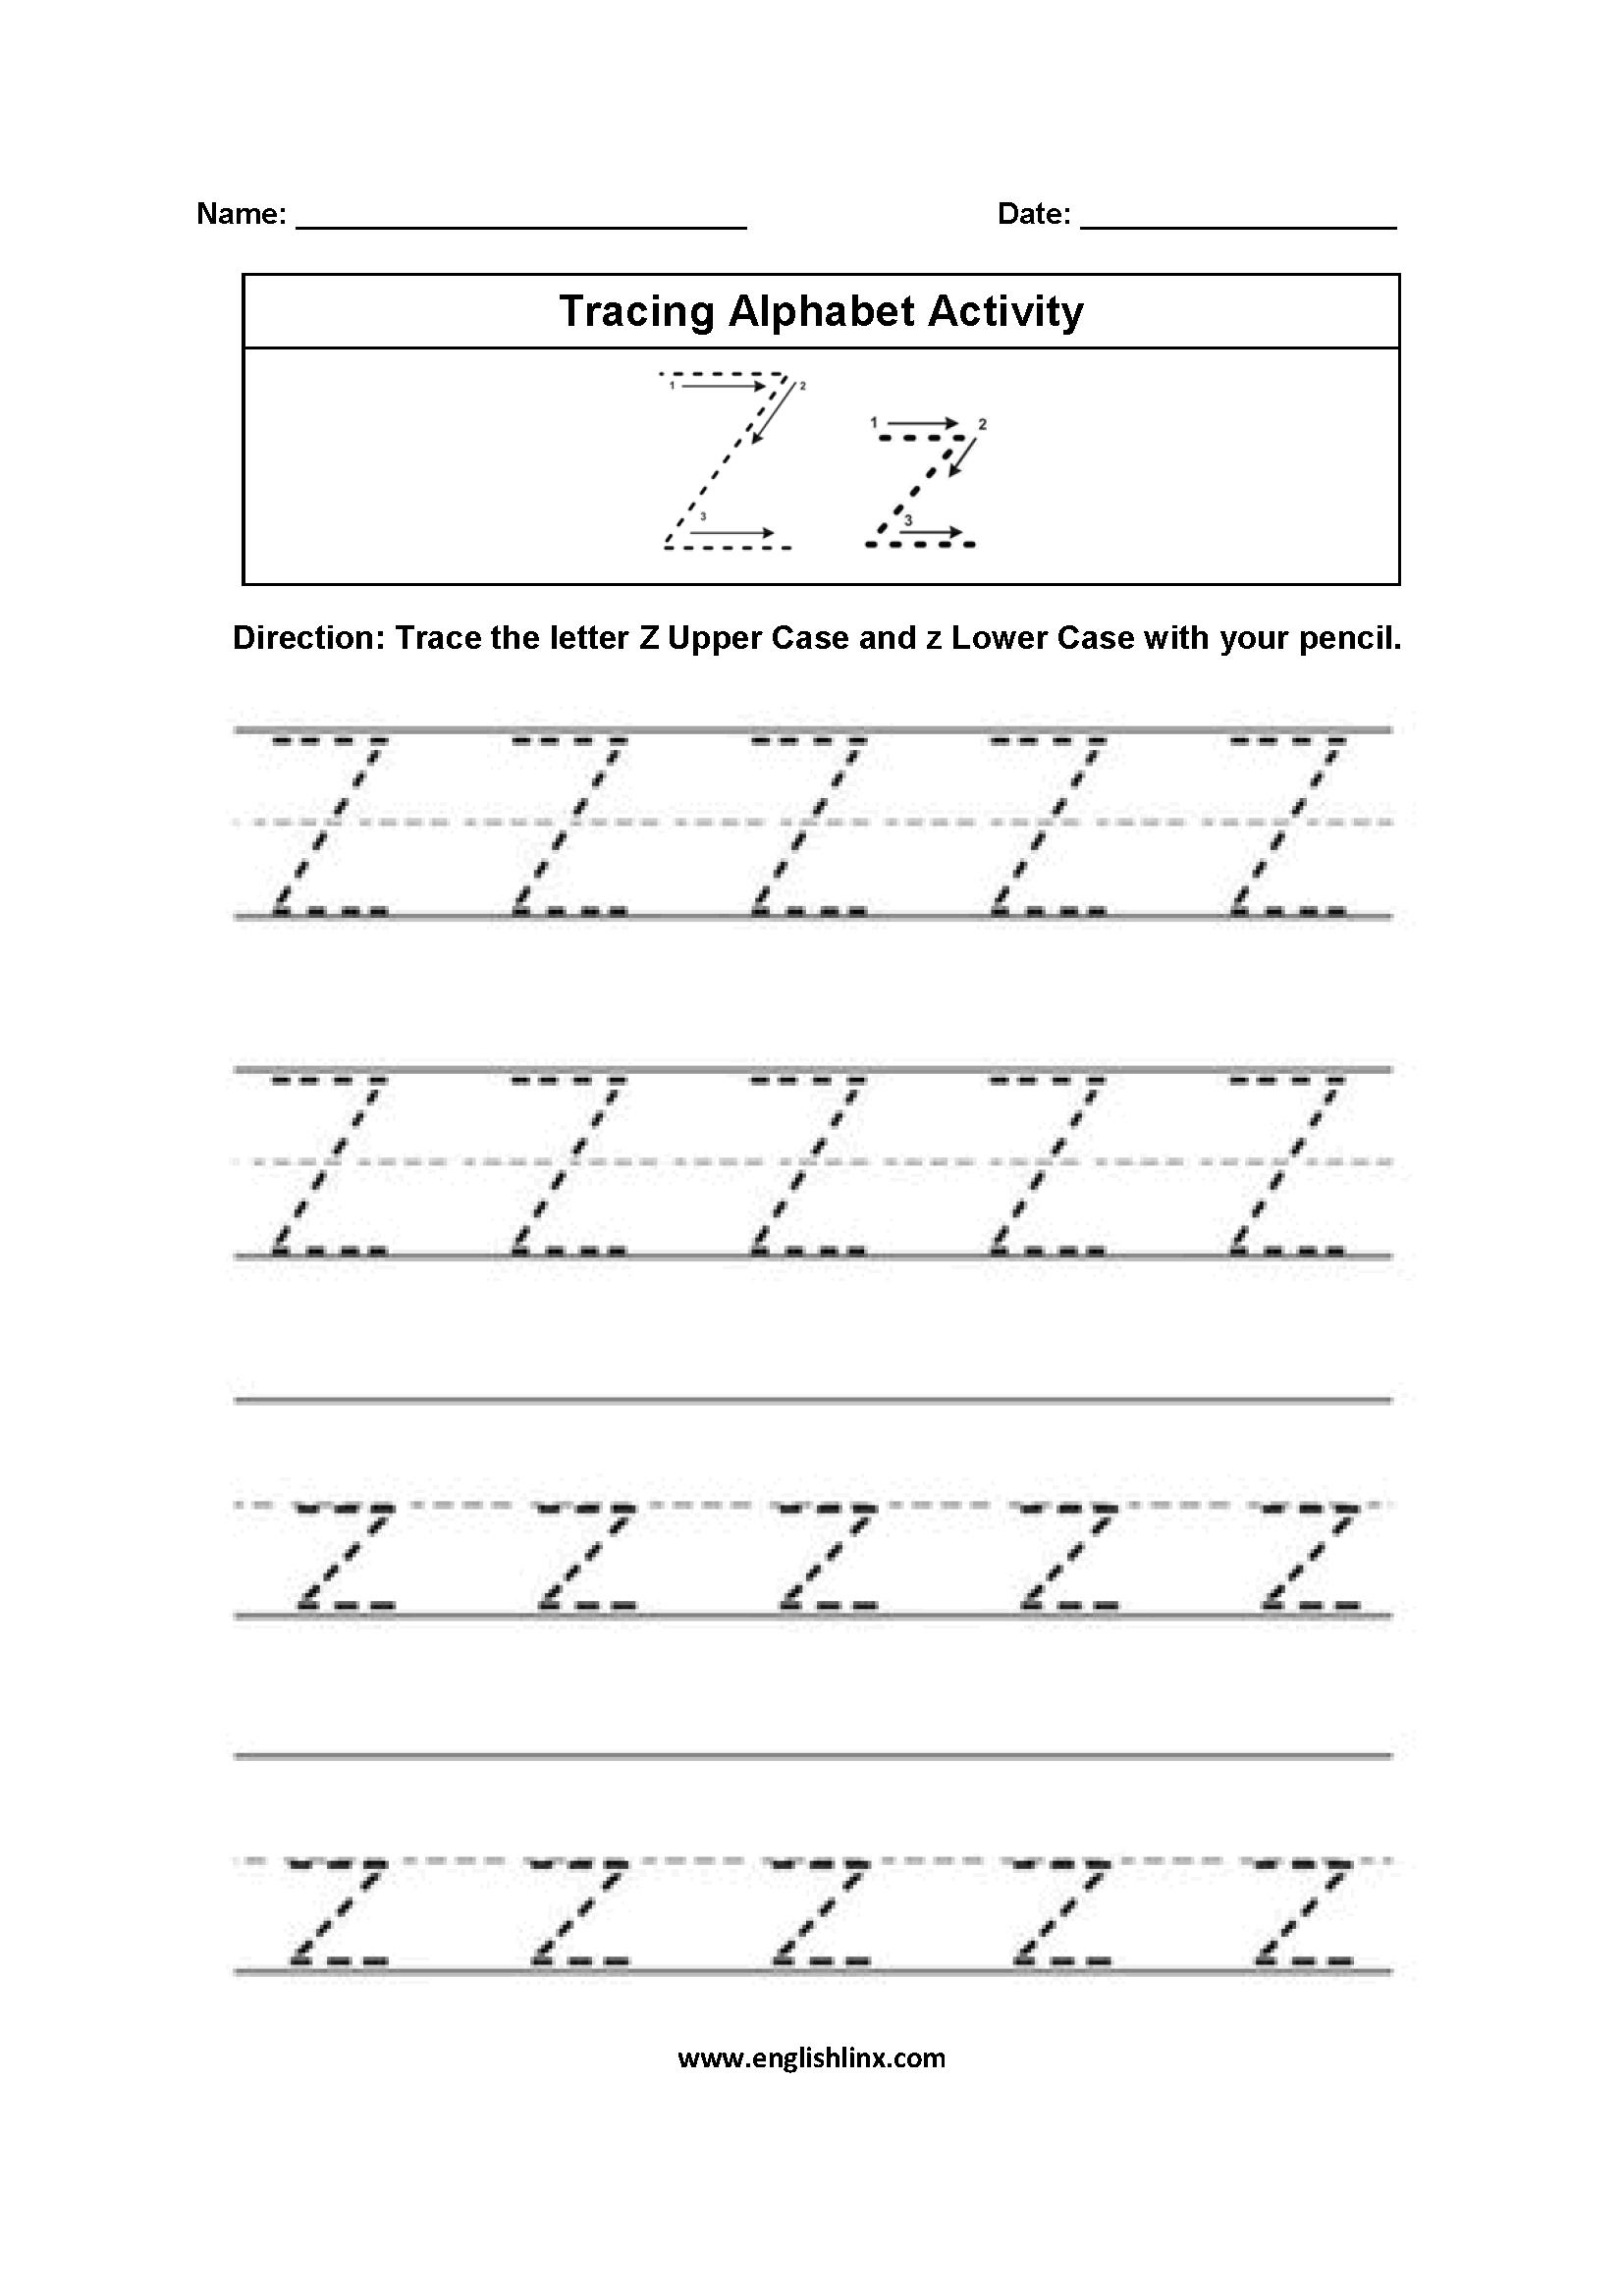 Letter Z Tracing Alphabet Worksheets | Alphabet Worksheets pertaining to Tracing Letter Z Worksheets